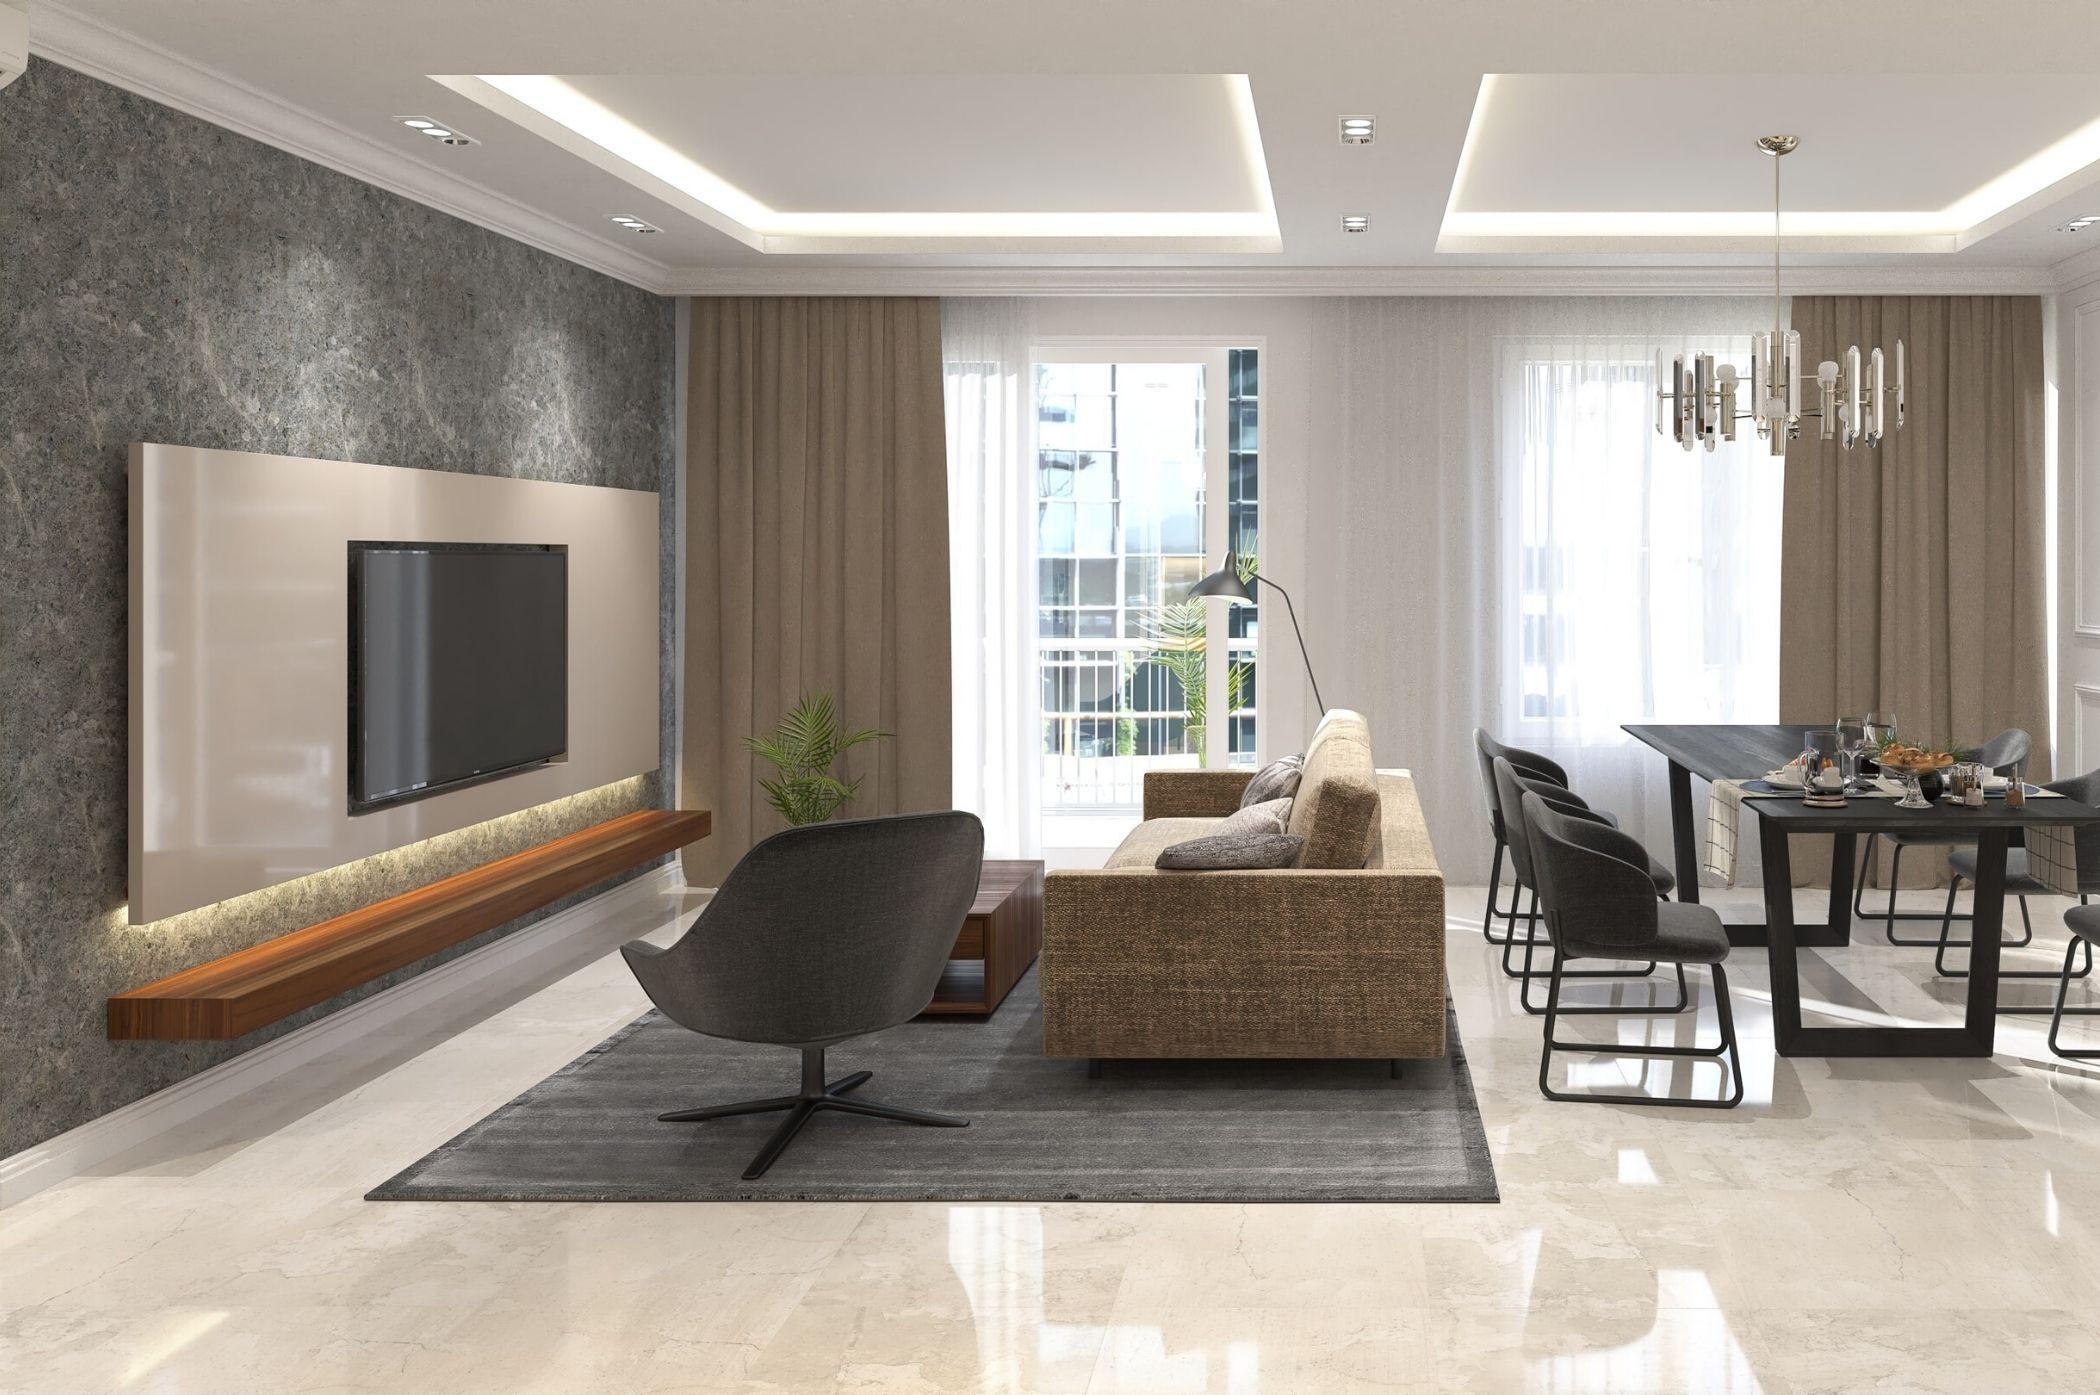 Mẫu thiết kế phòng khách đẹp hiện đại và sang trọng bậc nhất năm 2020